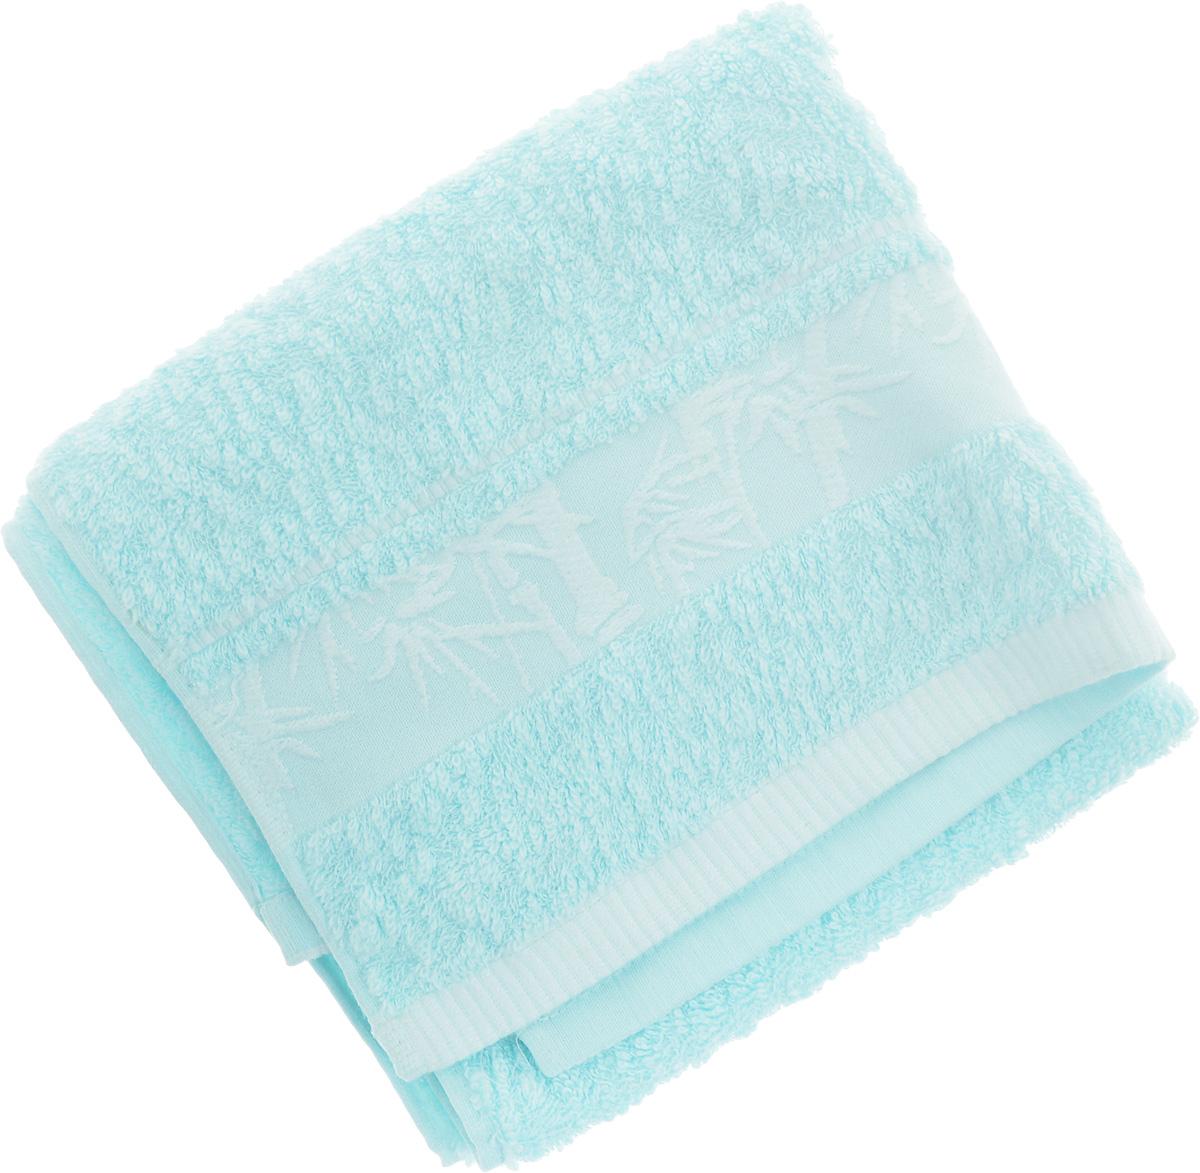 Полотенце Soavita Chloe, цвет: голубой, 50 х 90 см64162Полотенце Soavita Chloe выполнено из 100% бамбукового волокна. Изделие отлично впитывает влагу, быстро сохнет, сохраняет яркость цвета и не теряет форму даже после многократных стирок. Полотенце очень практично и неприхотливо в уходе. Оно создаст прекрасное настроение и украсит интерьер в ванной комнате.